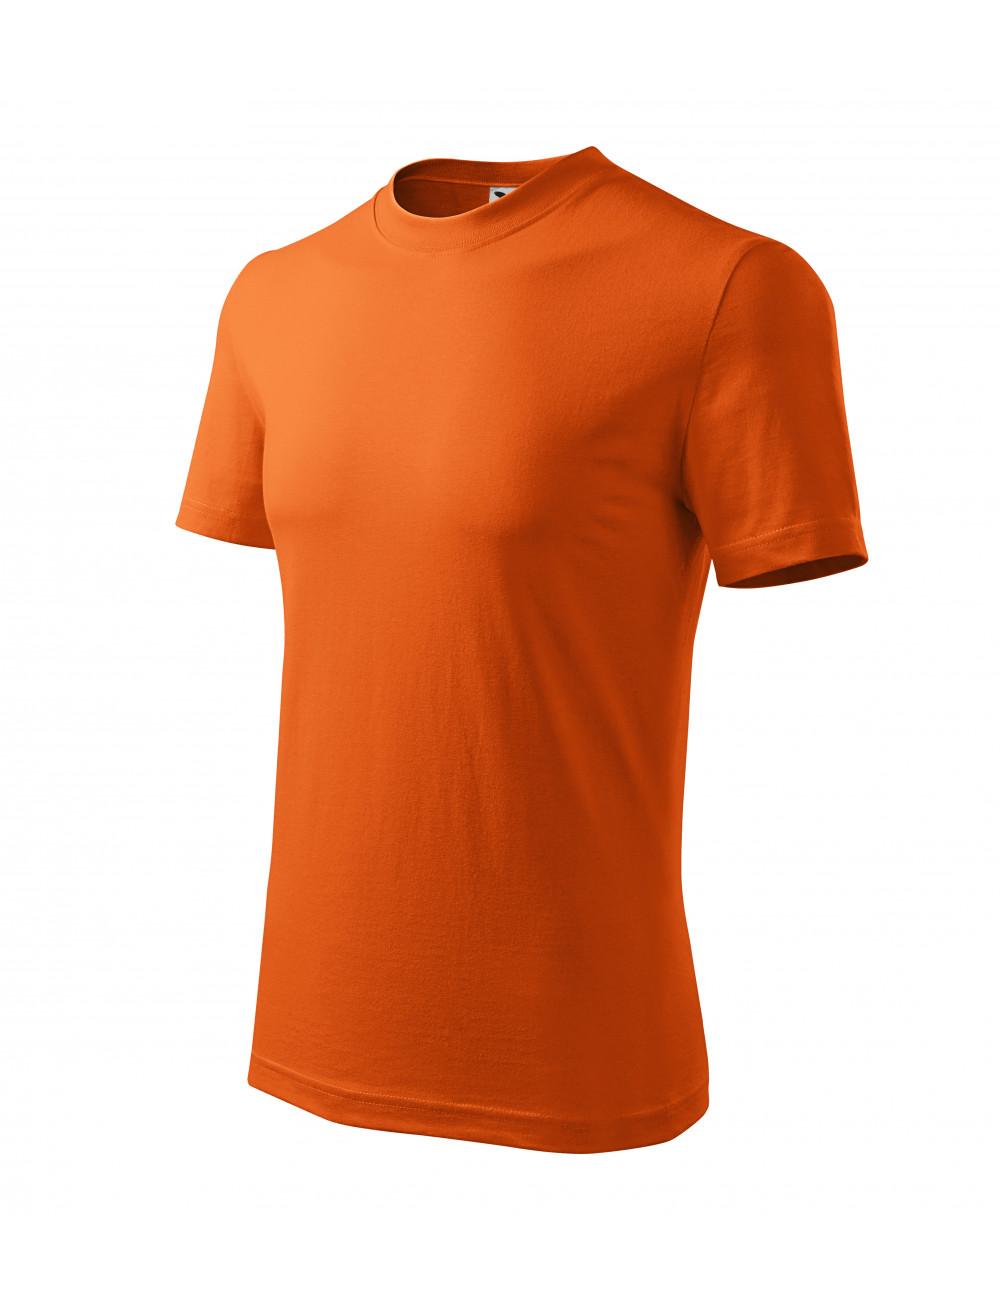 Adler MALFINI Koszulka unisex Classic 101 pomarańczowy